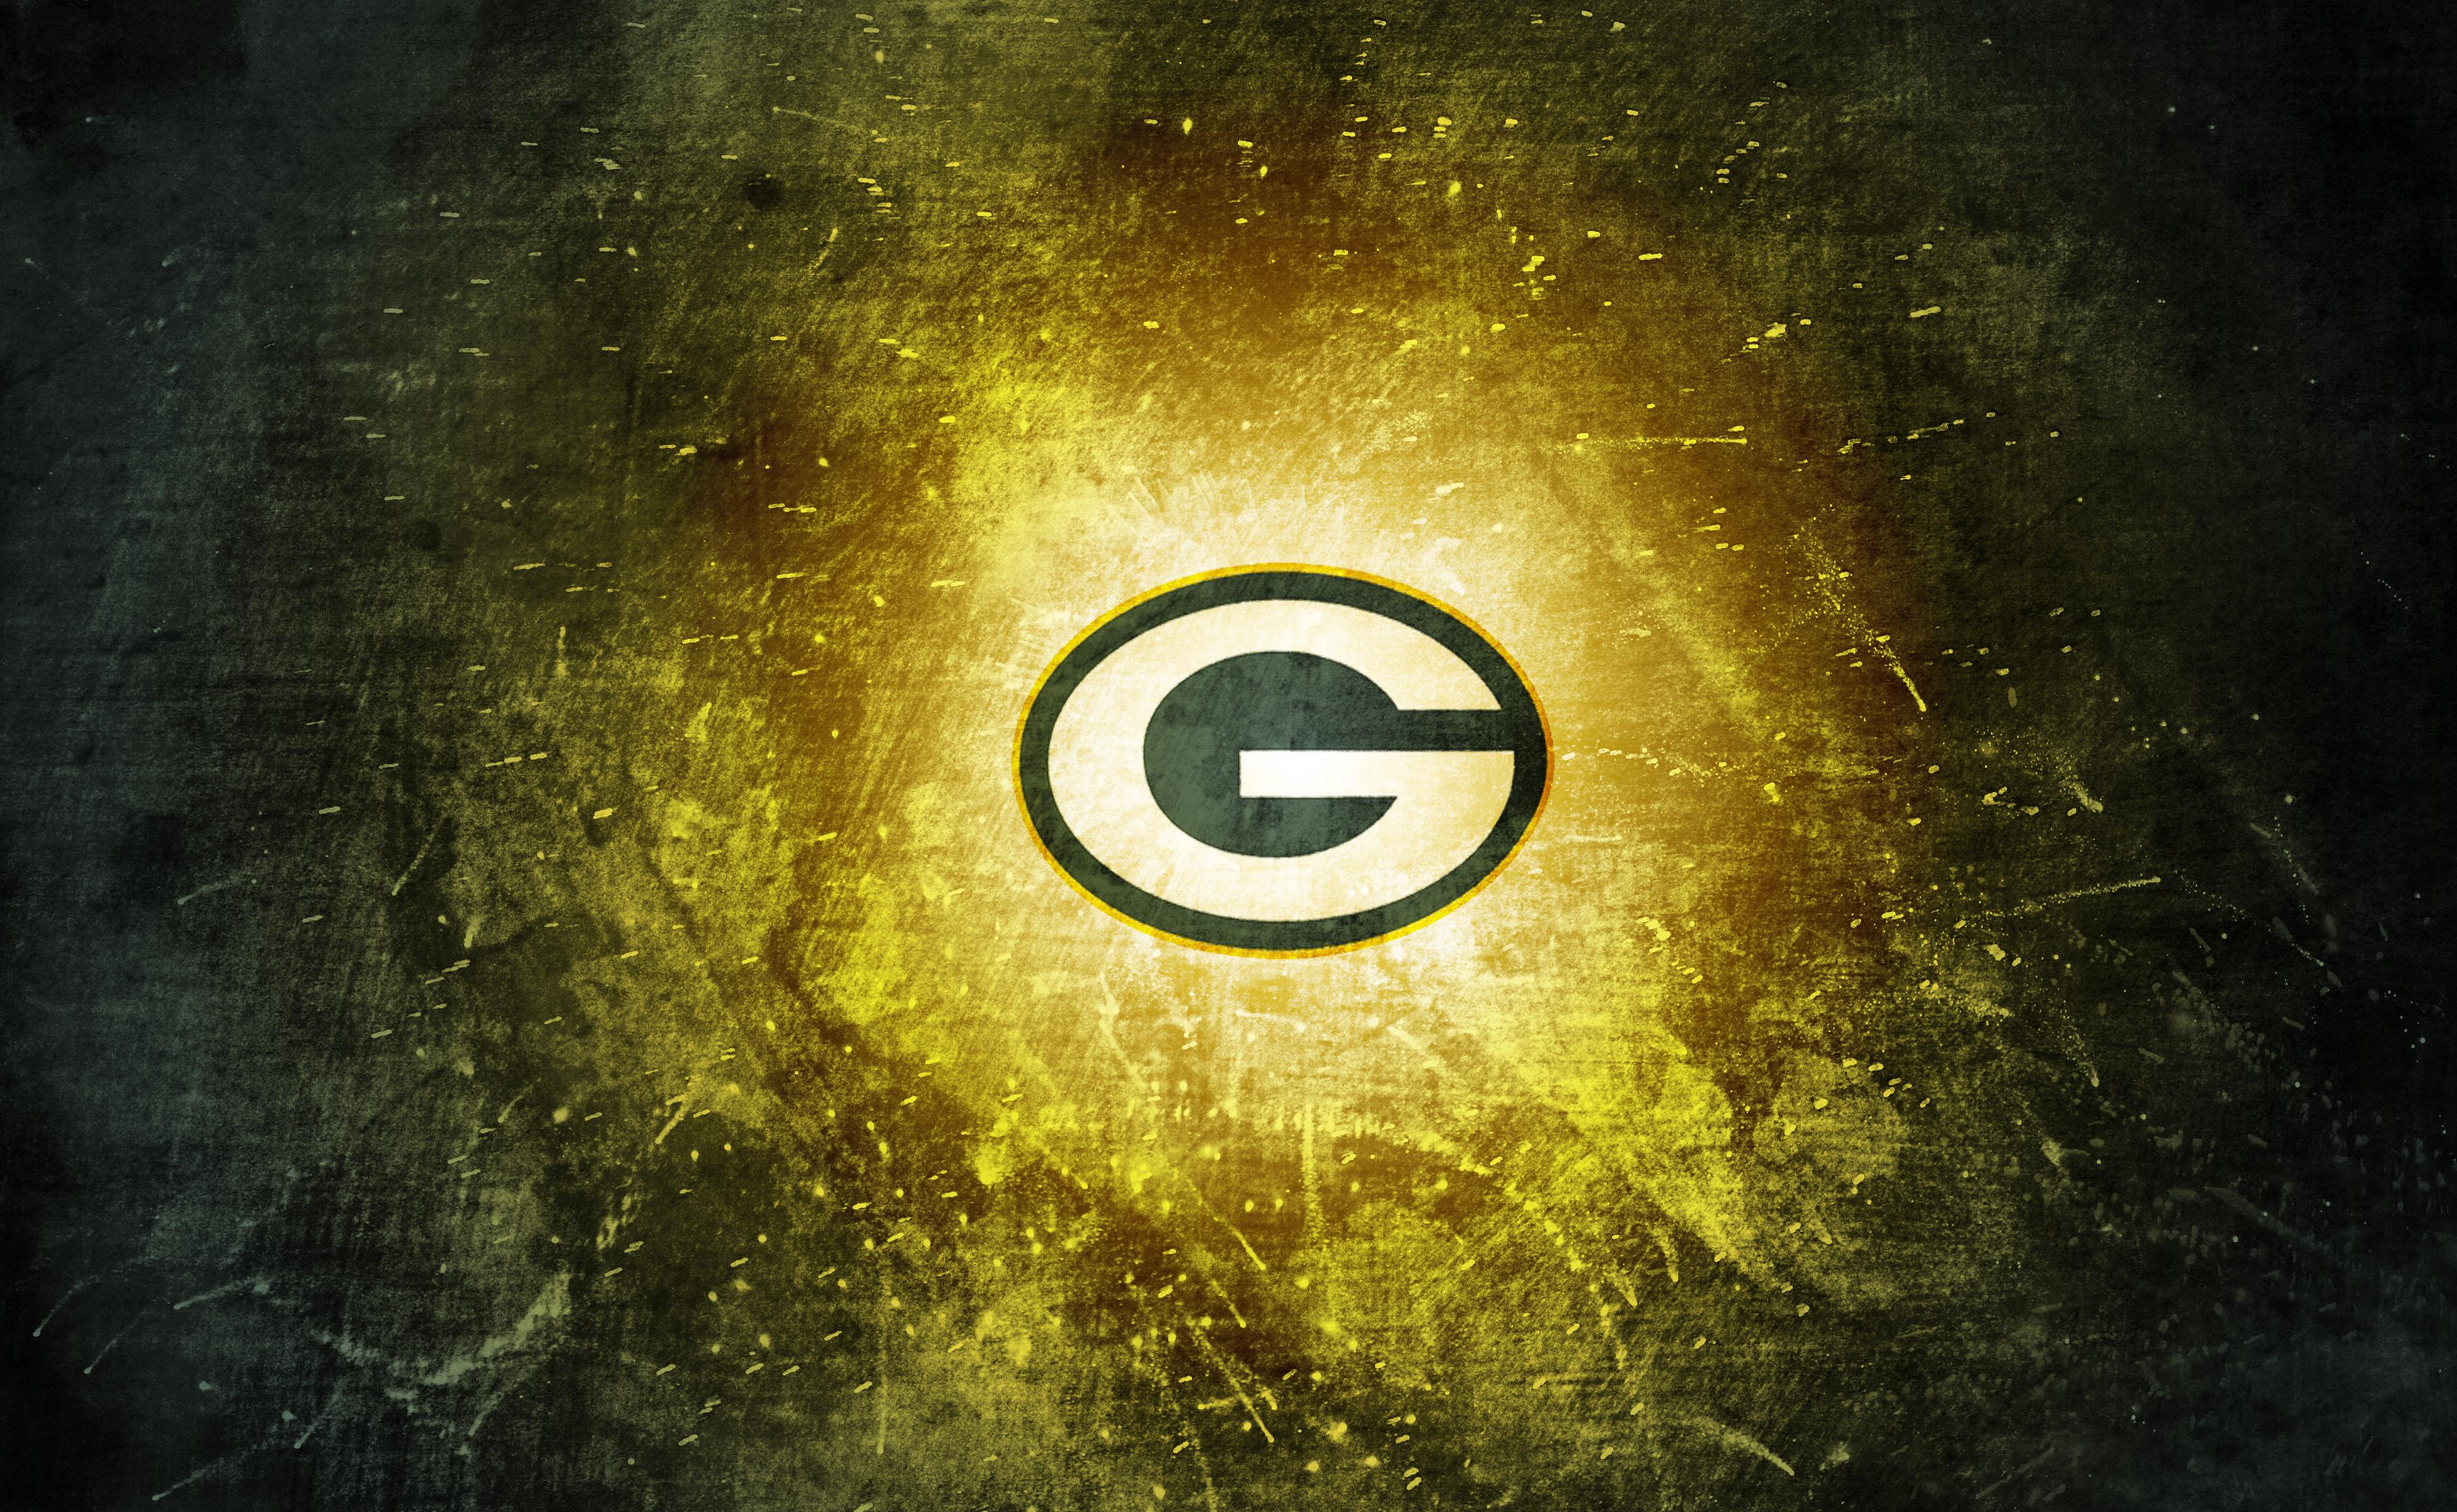 Green Bay Packers wallpaper wallpaper Green Bay Packers wallpapers 3900x2400